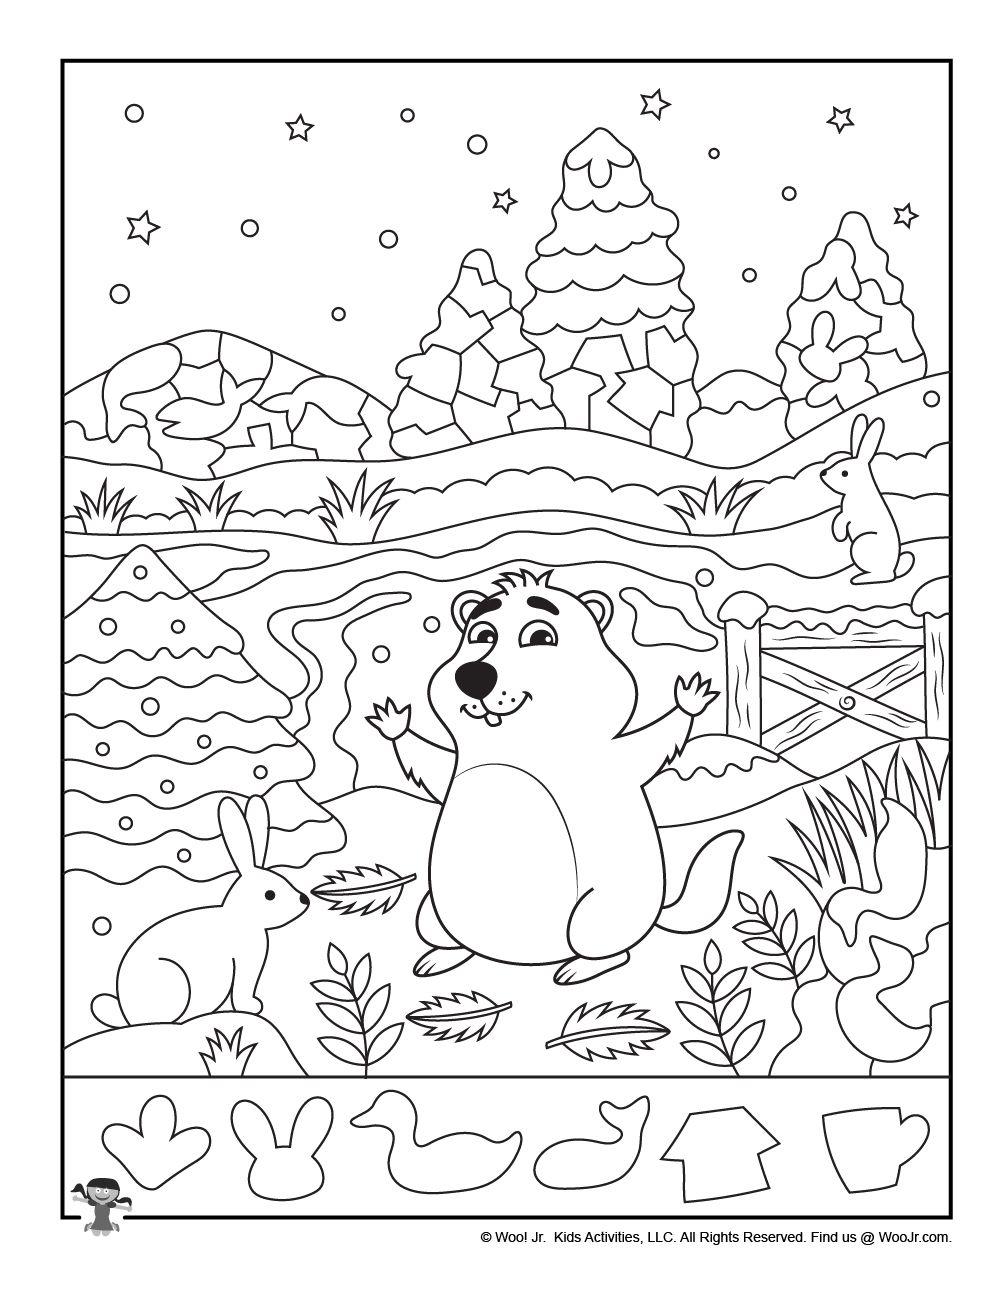 Groundhog Day Hidden Picture Woo Jr Kids Activities Hidden Pictures Groundhog Day Hidden Pictures Printables [ 1295 x 1000 Pixel ]